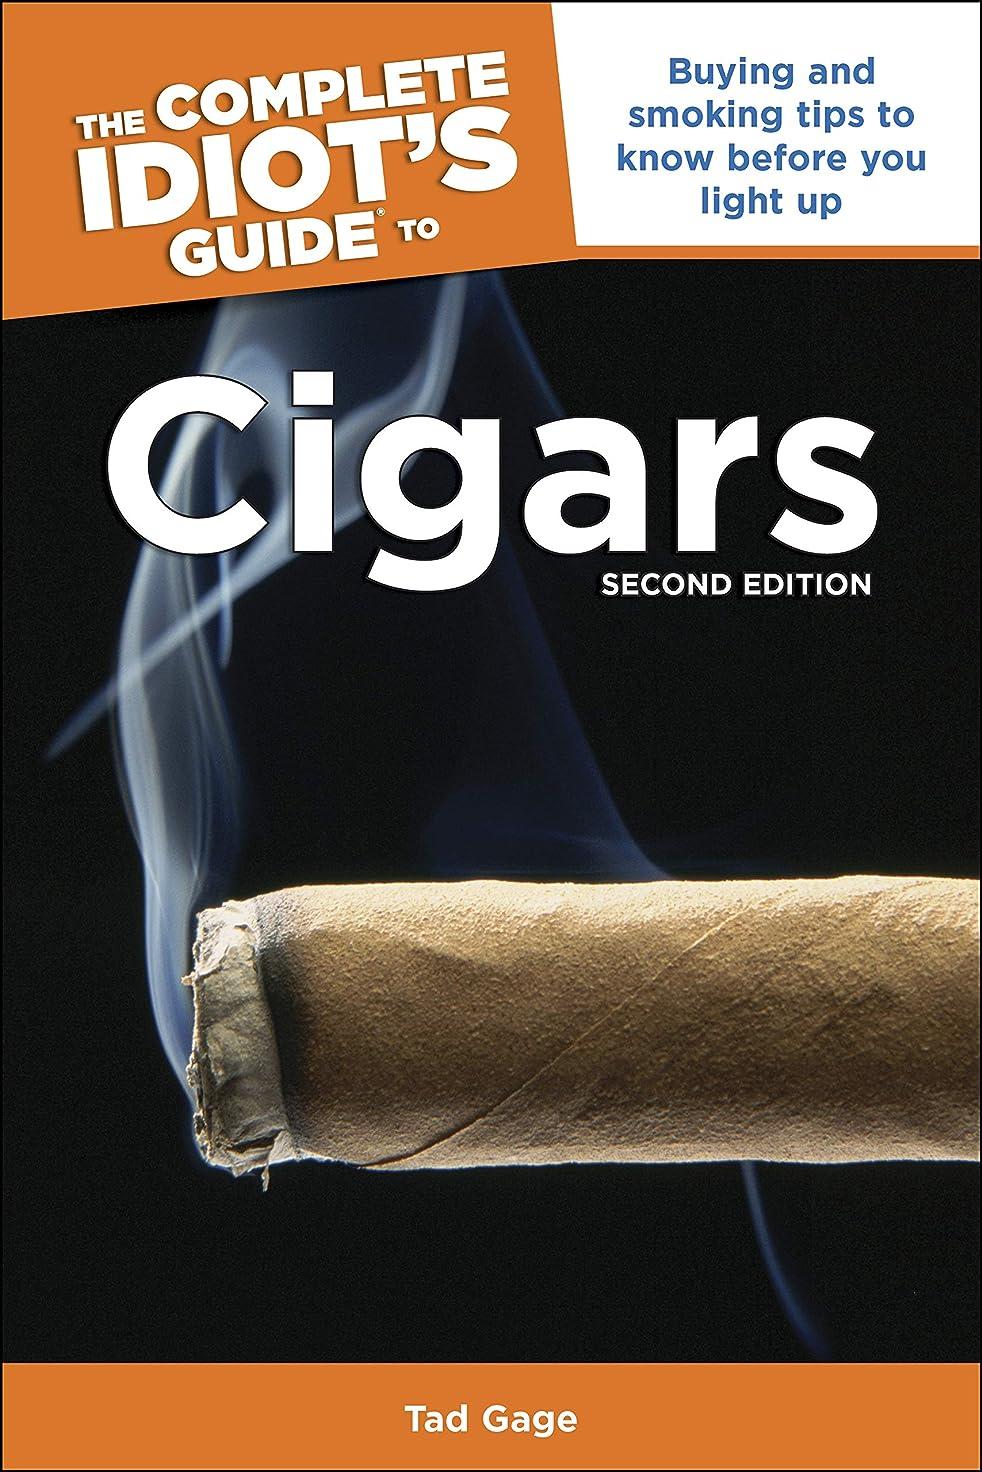 仲間、同僚アクション敬意を表してThe Complete Idiot's Guide to Cigars, 2nd Edition: Buying and Smoking Tips to Know Before You Light Up (English Edition)